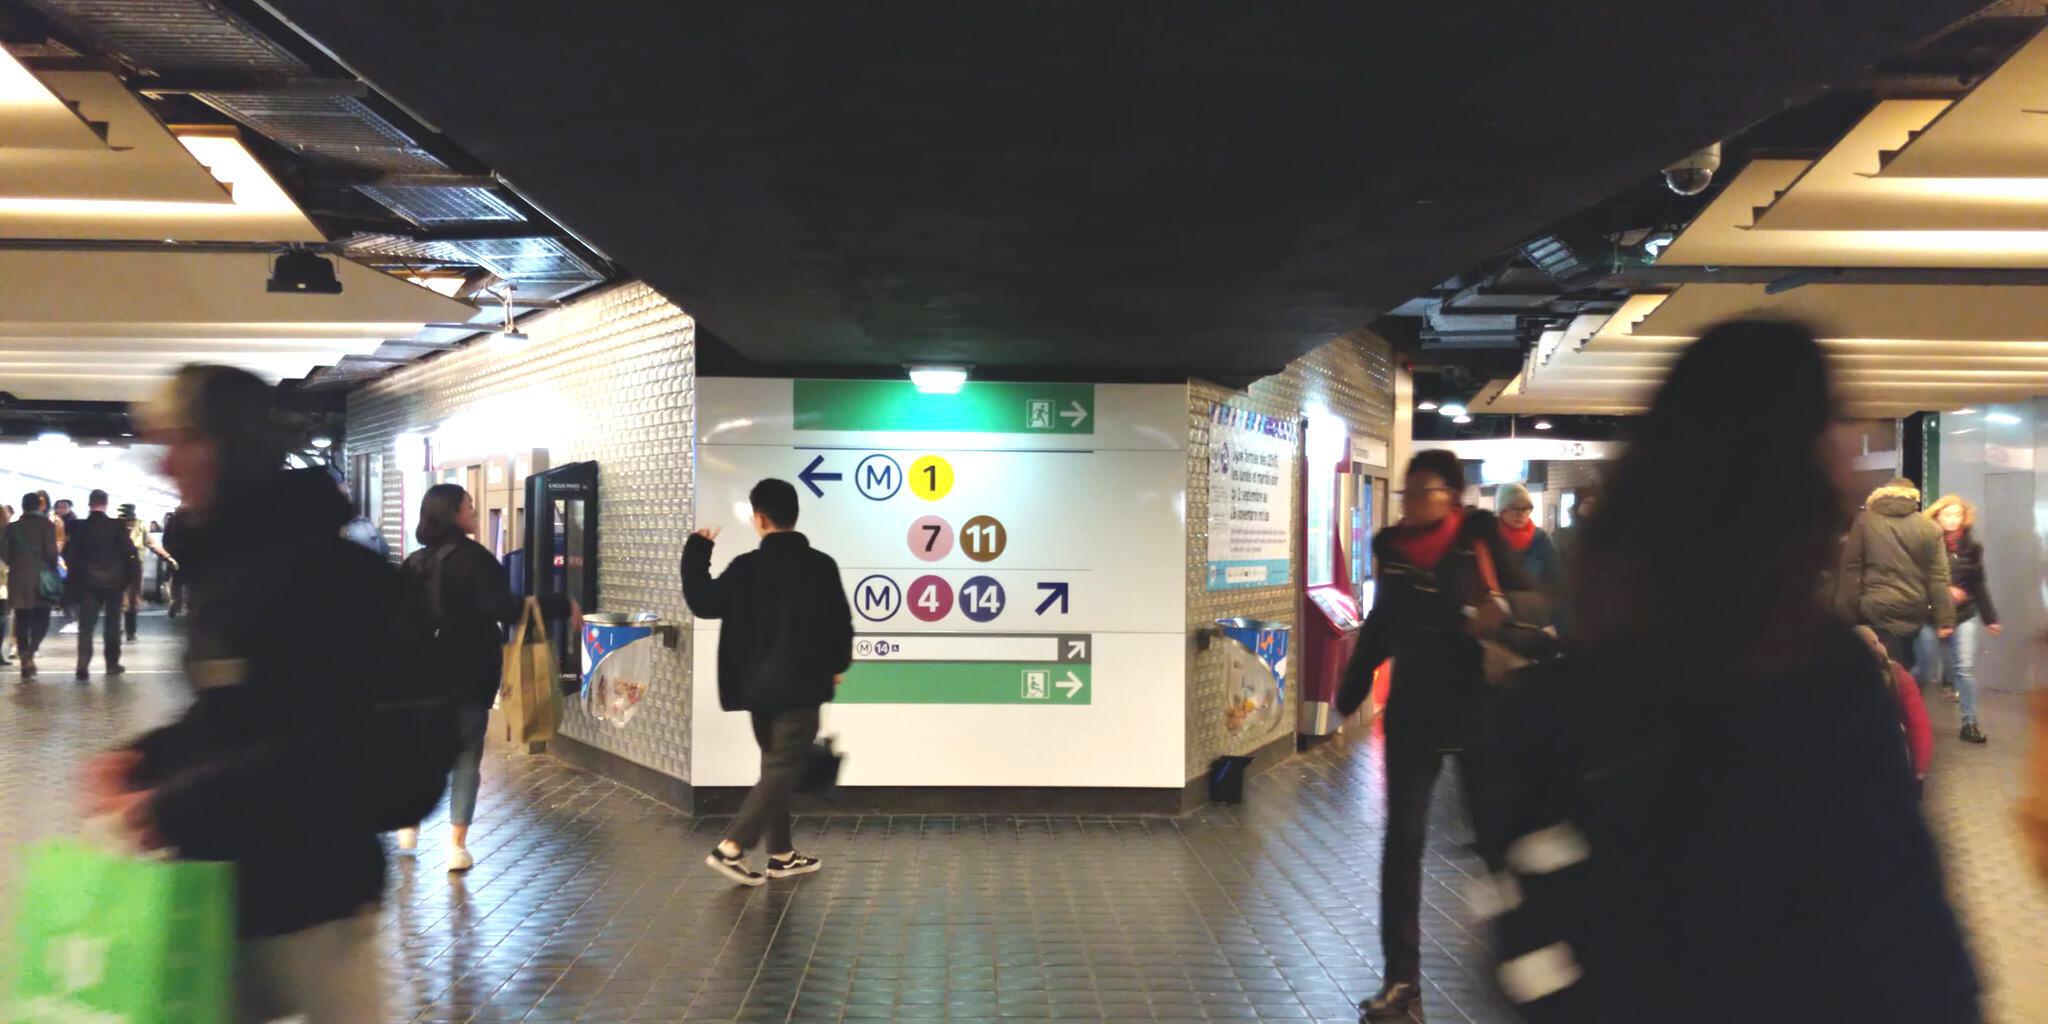 Trạm xe Châtelet với hơn 300 triệu lượt hành khách mỗi năm cũng là nơi tập trung nhiều vụ móc túi